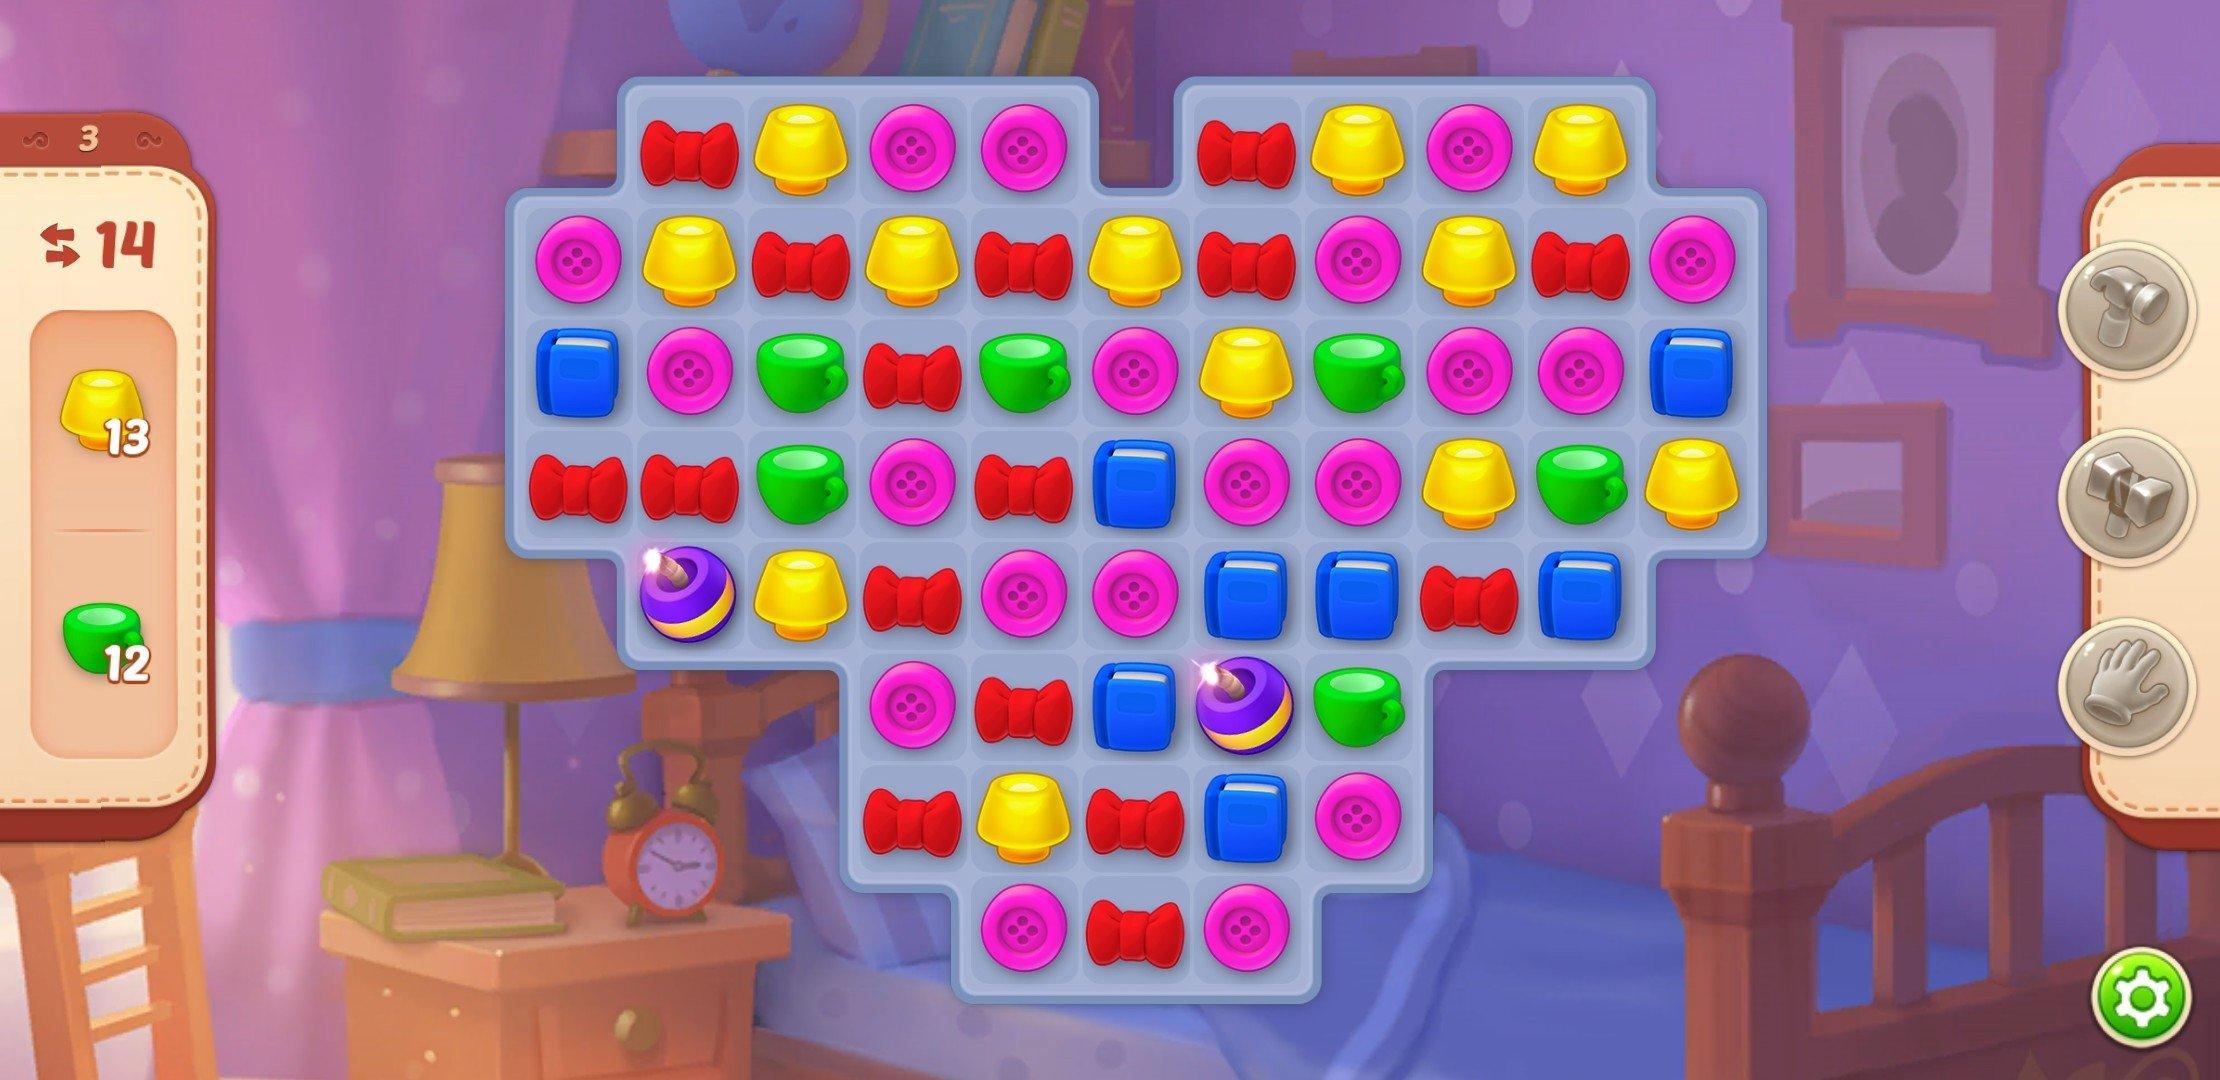 download candy crush saga para android 4.0